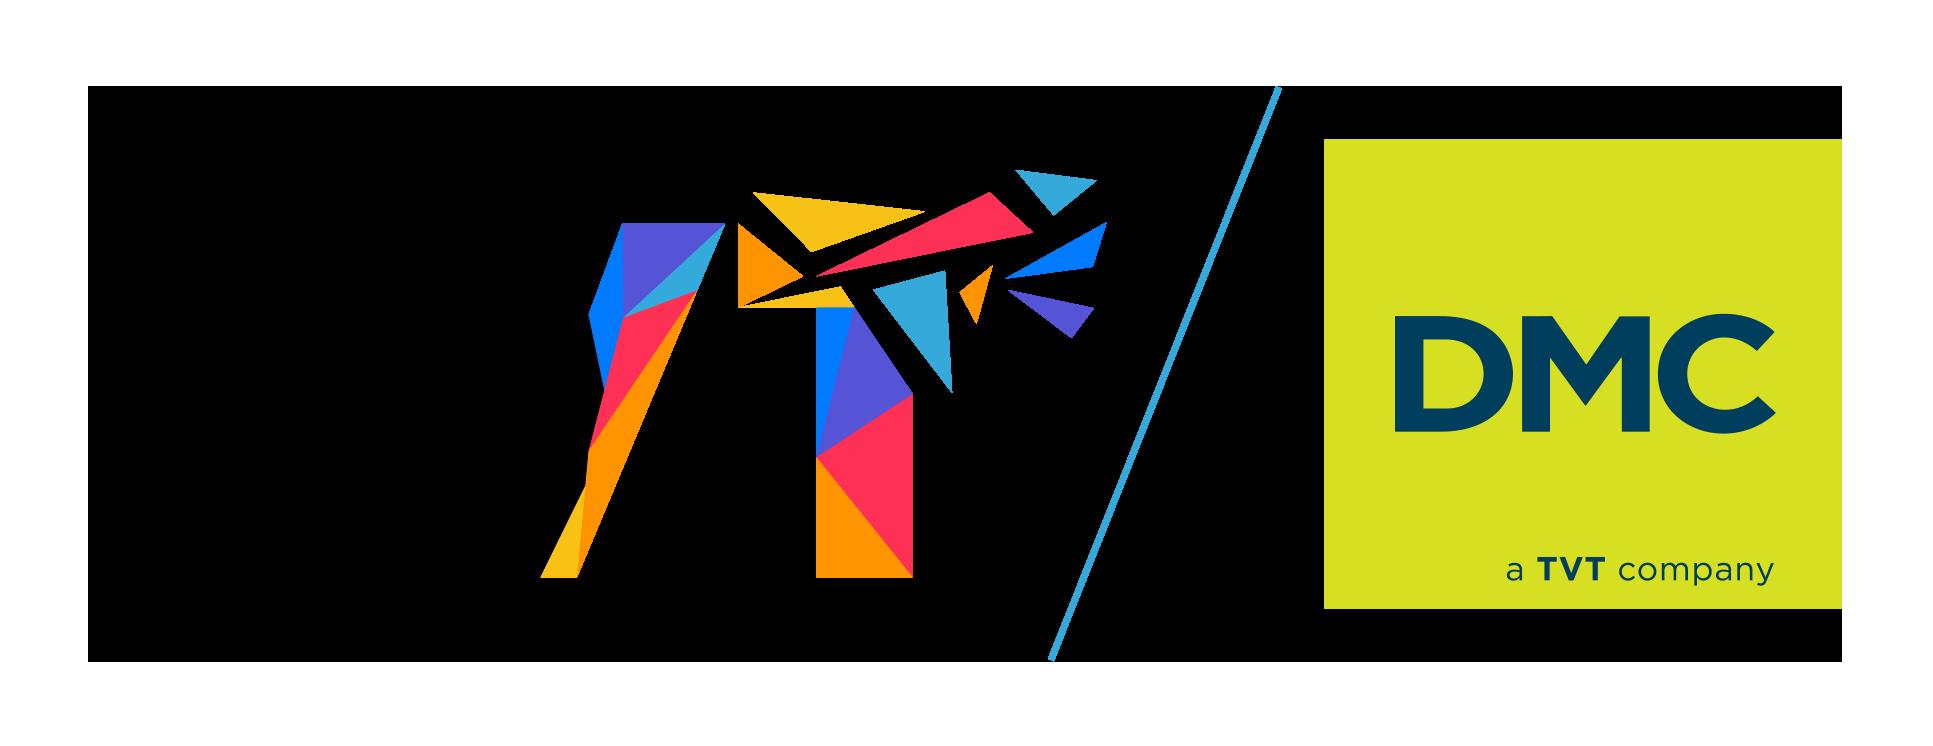 DMC - a TVT Company